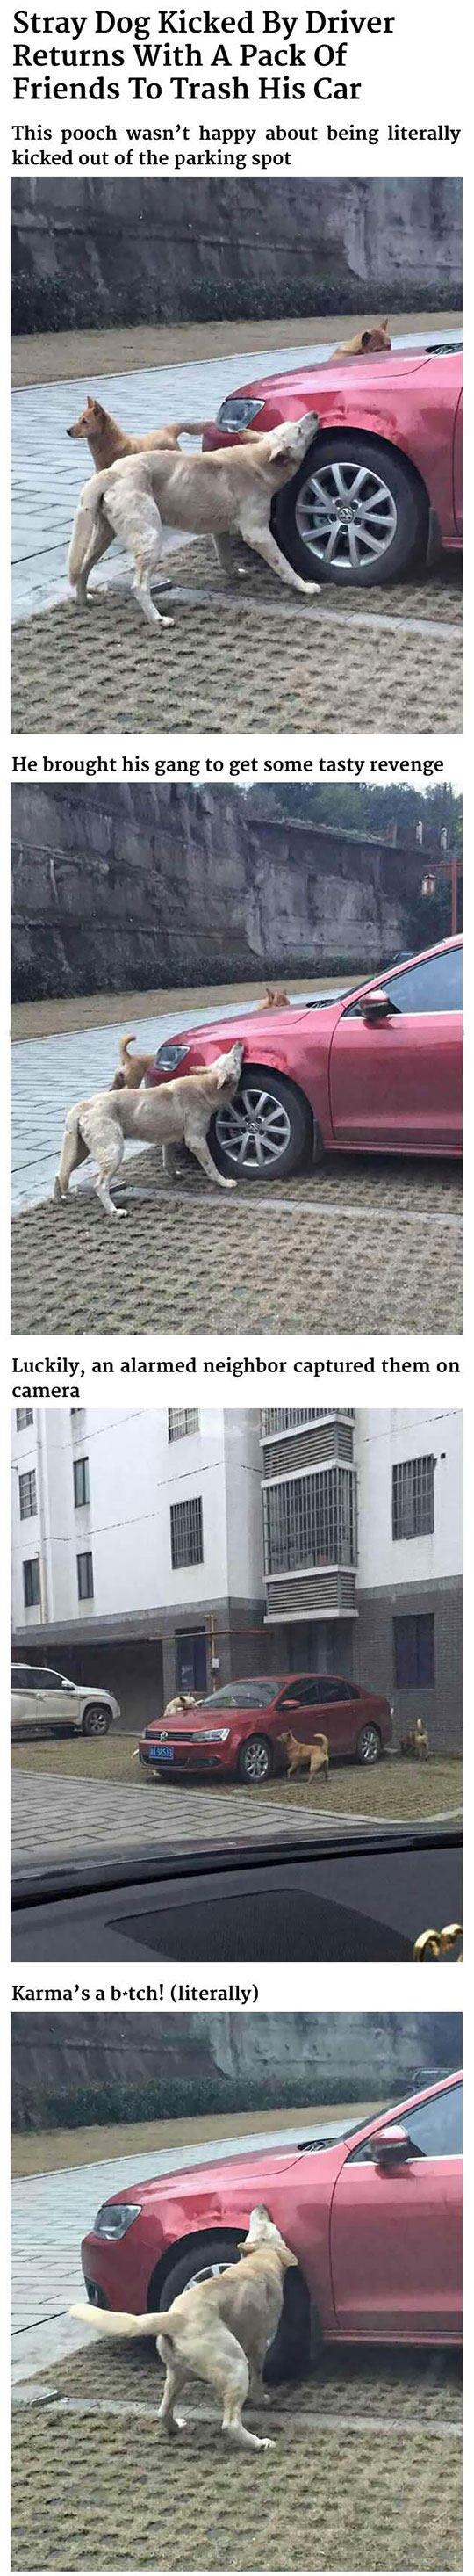 dog-payback-biting-car-kick